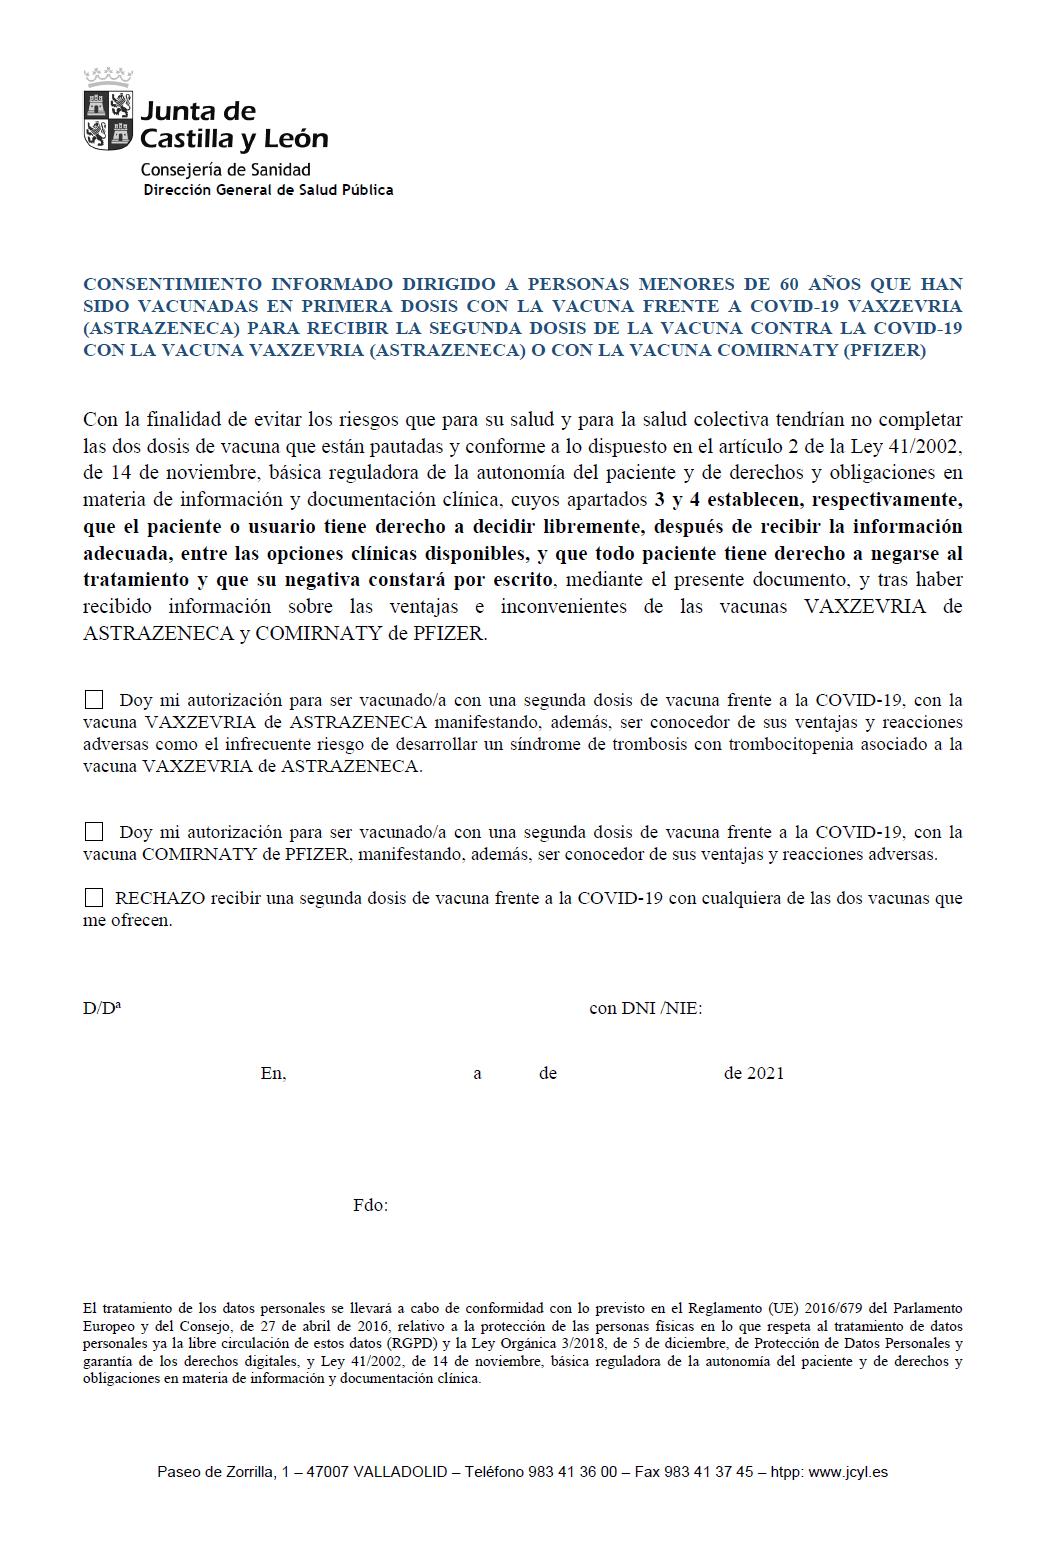 CONSENTIMIENTO INFORMADO CyL VACUNA 2ª DOSIS